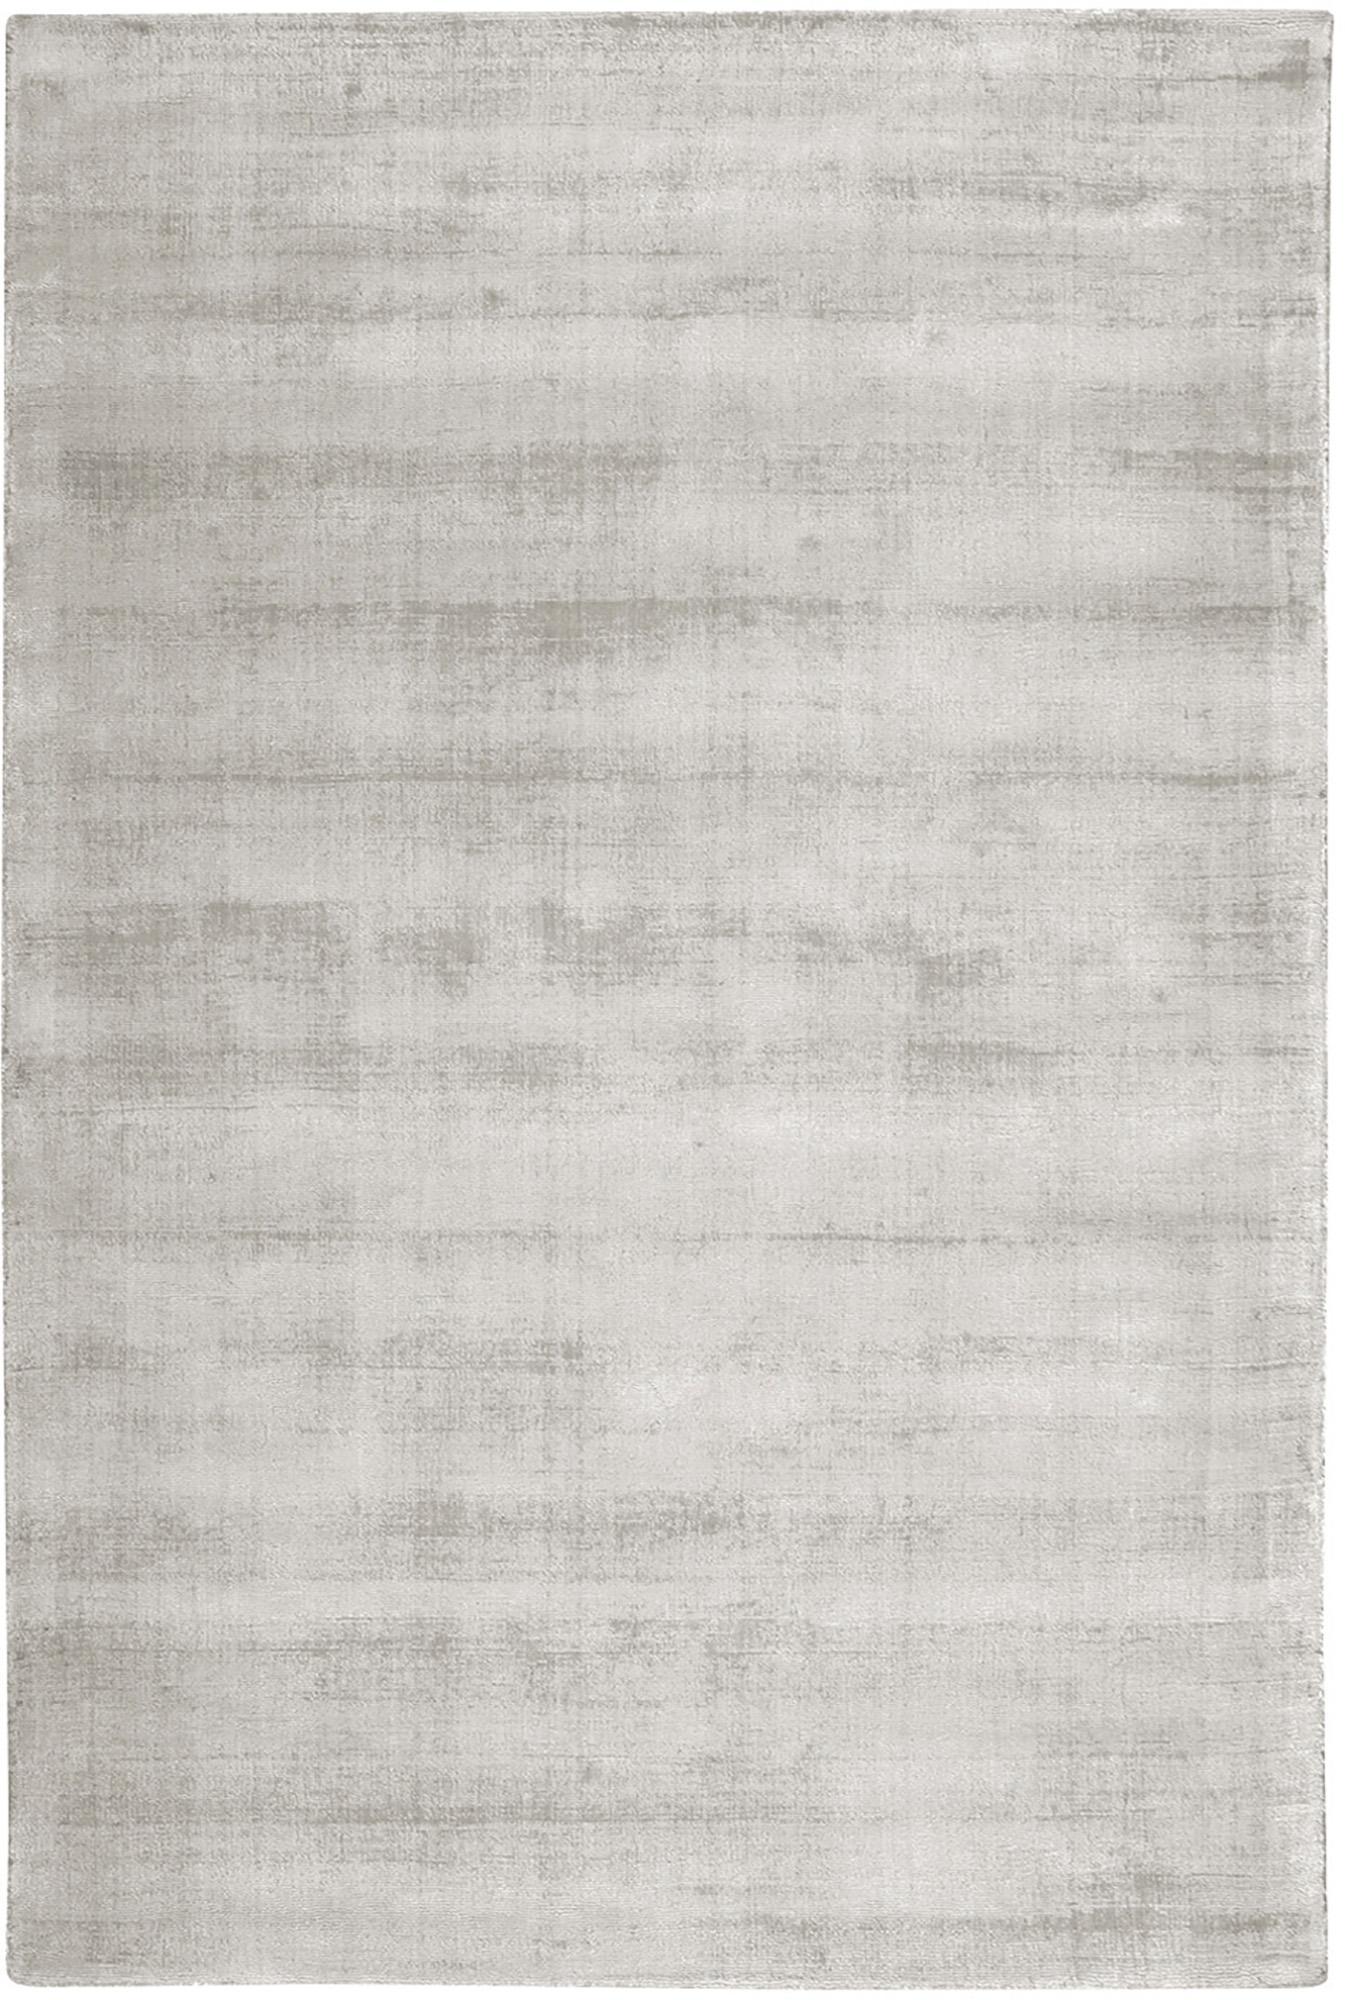 Alfombra artesanal de viscosa Jane, Parte superior: 100%viscosa, Reverso: 100%algodón, Gris claro, beige, An 200 x L 300 cm (Tamaño L)